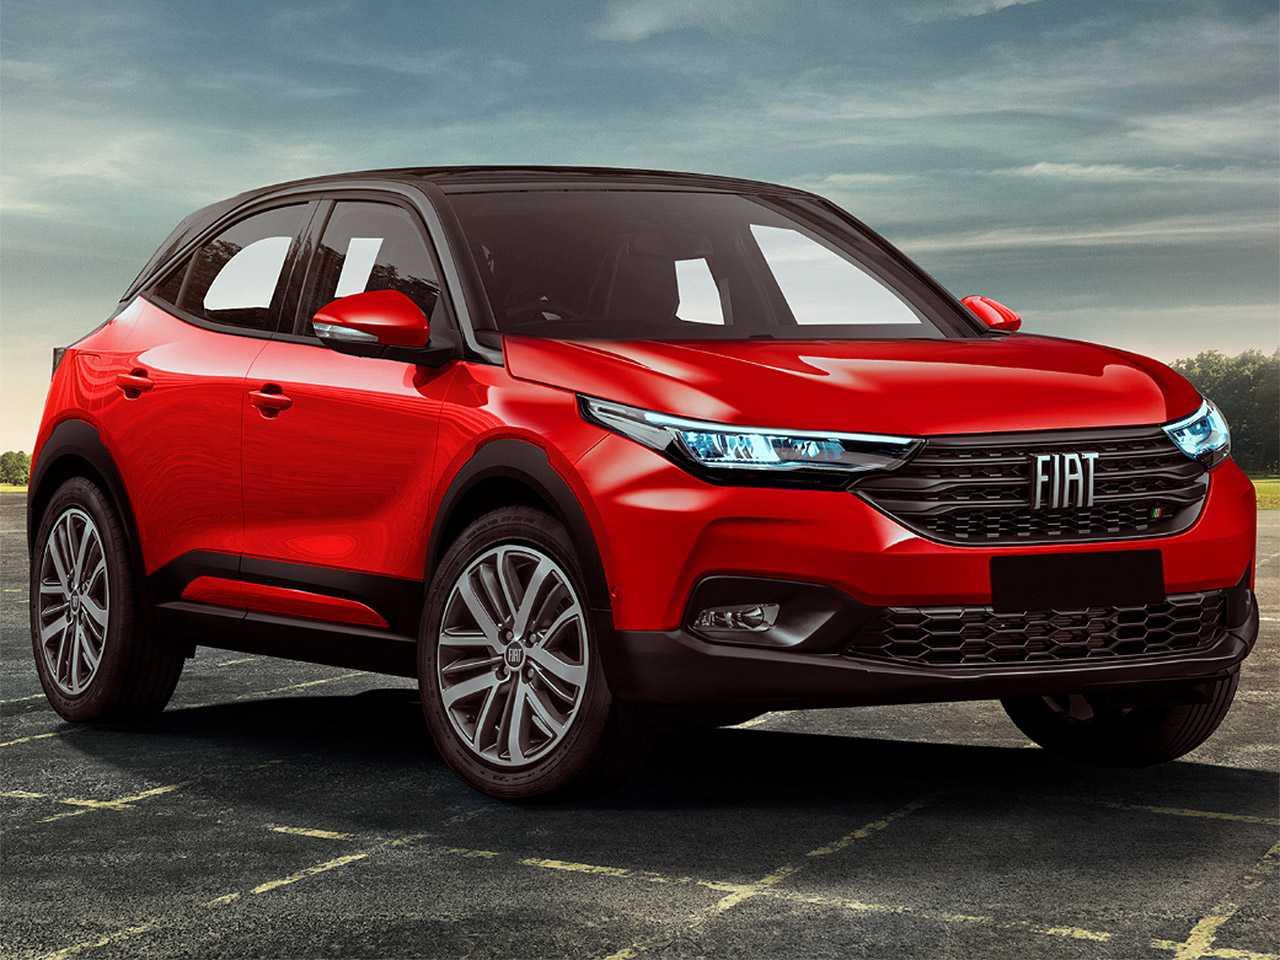 Projeção de Kleber Silva para o futuro SUV compacto da Fiat tomando como base elementos da nova Strada